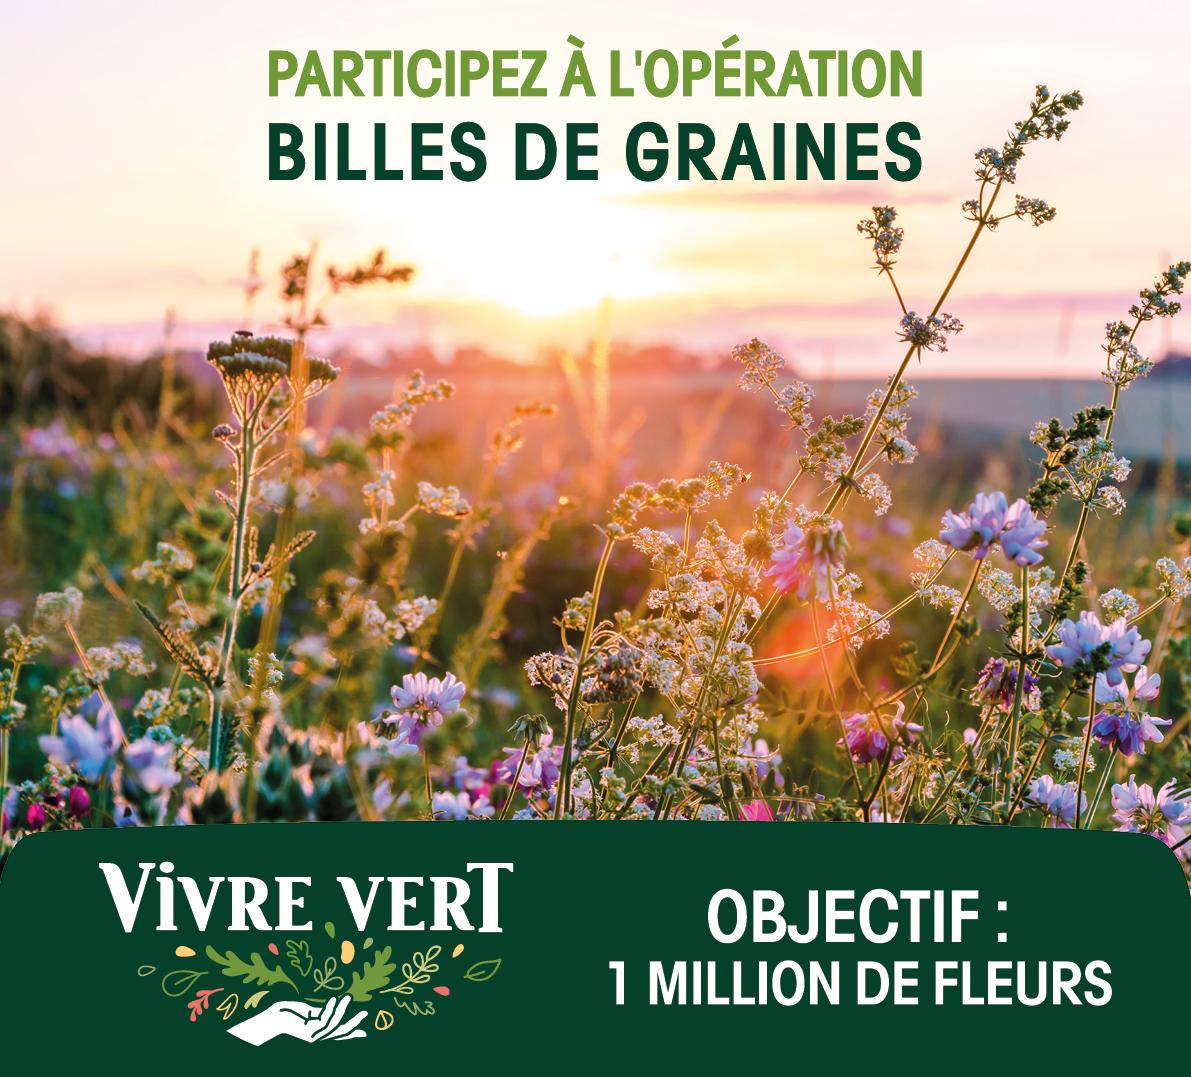 VV BDG affiche - Participez à l'opération Billes de Graines de Vivre Vert